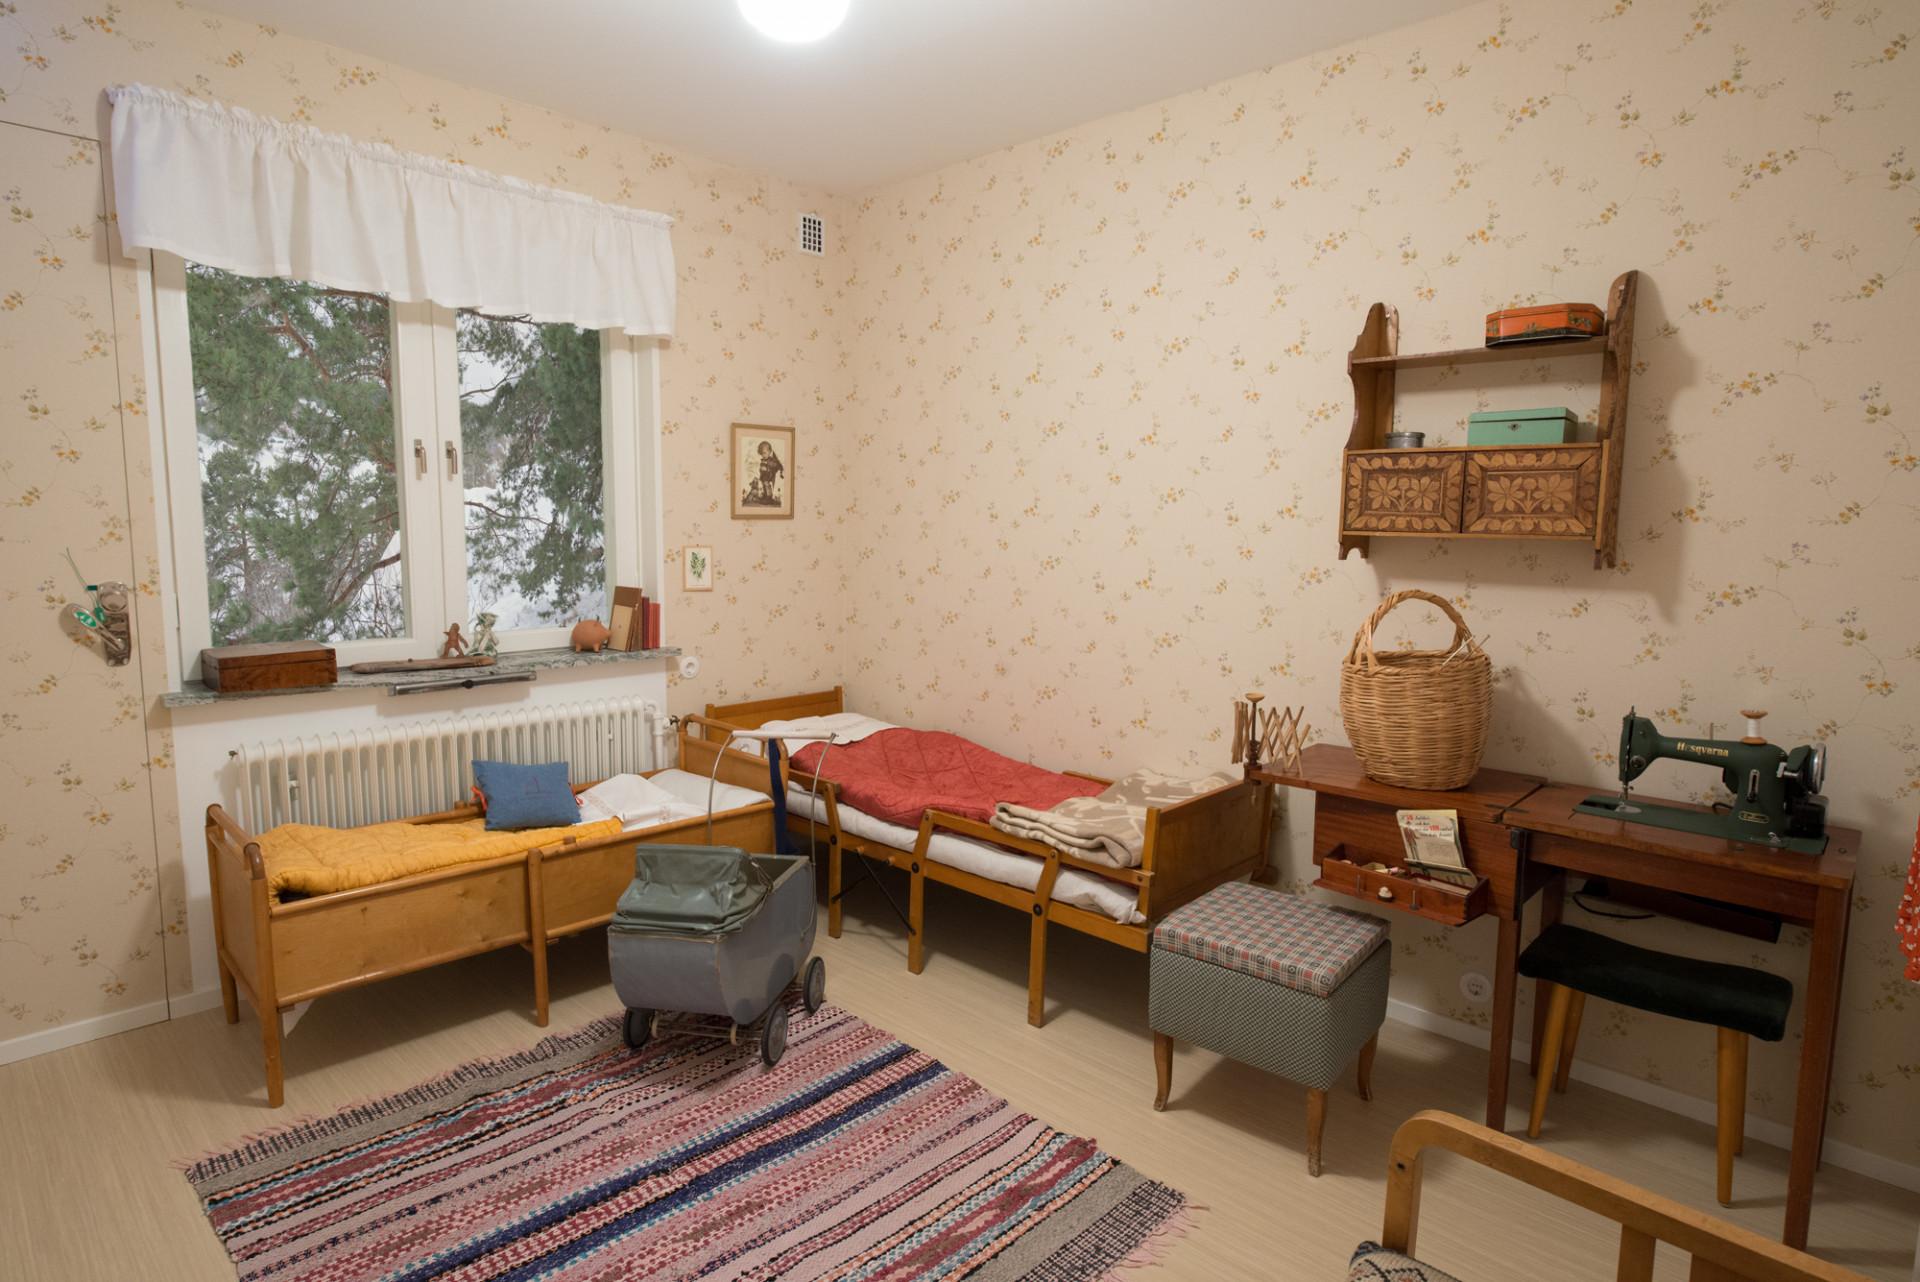 Sovrummet. Foto: Karolina Kristensson/ Nordiska museet.